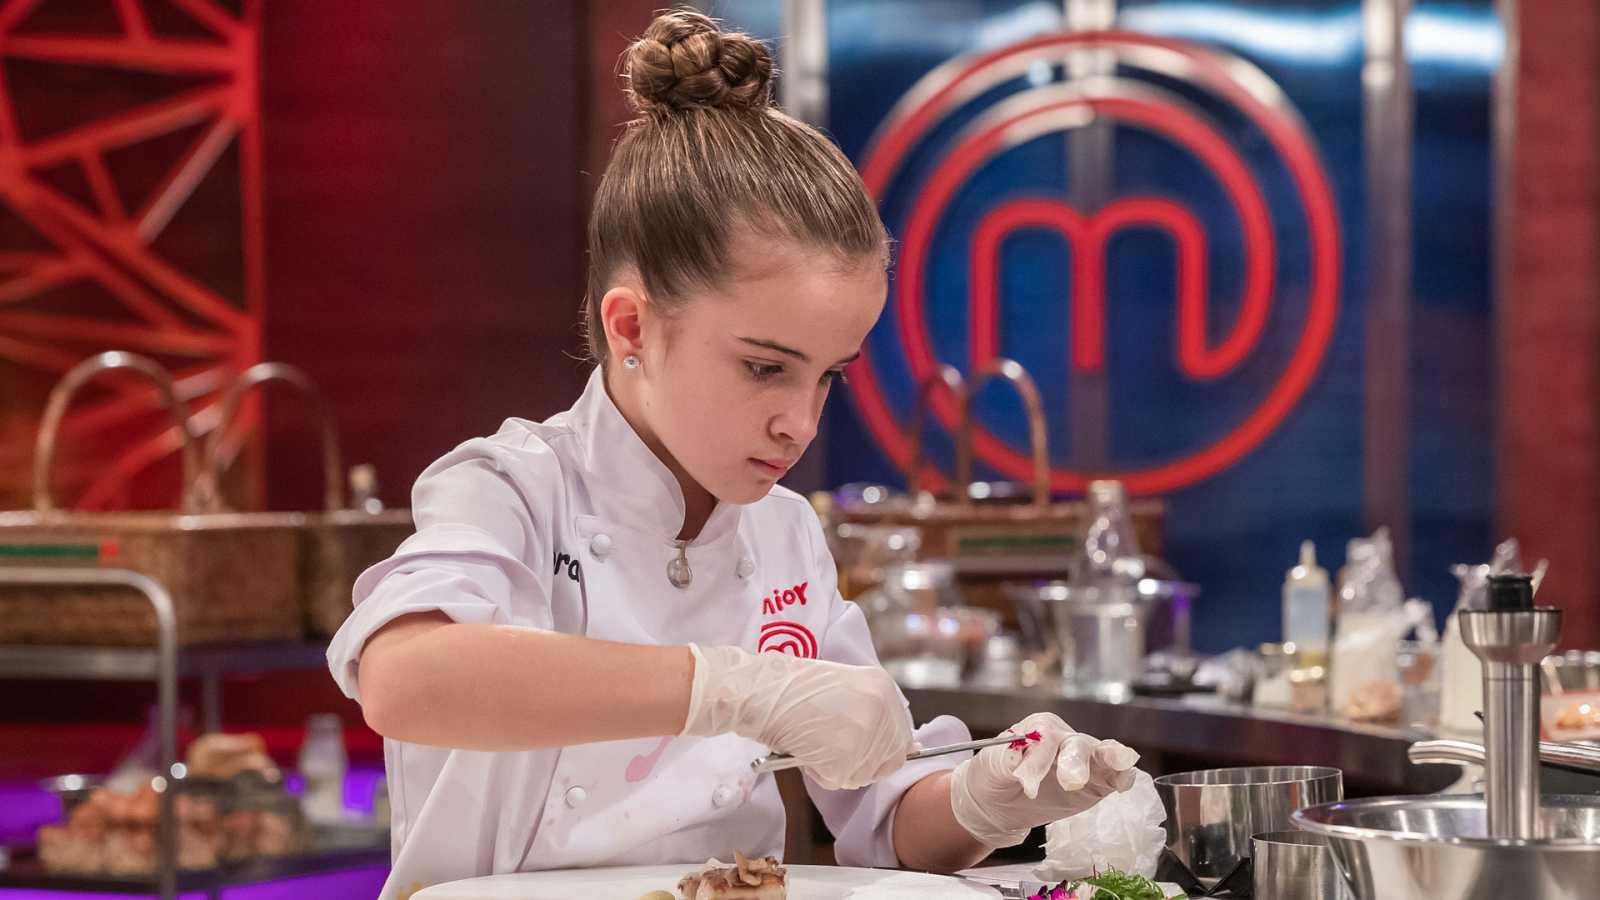 Аурора из провинции Кадис стала самой юной победительницей детского кулинарного шоу «MasterChef Junior» в Испании